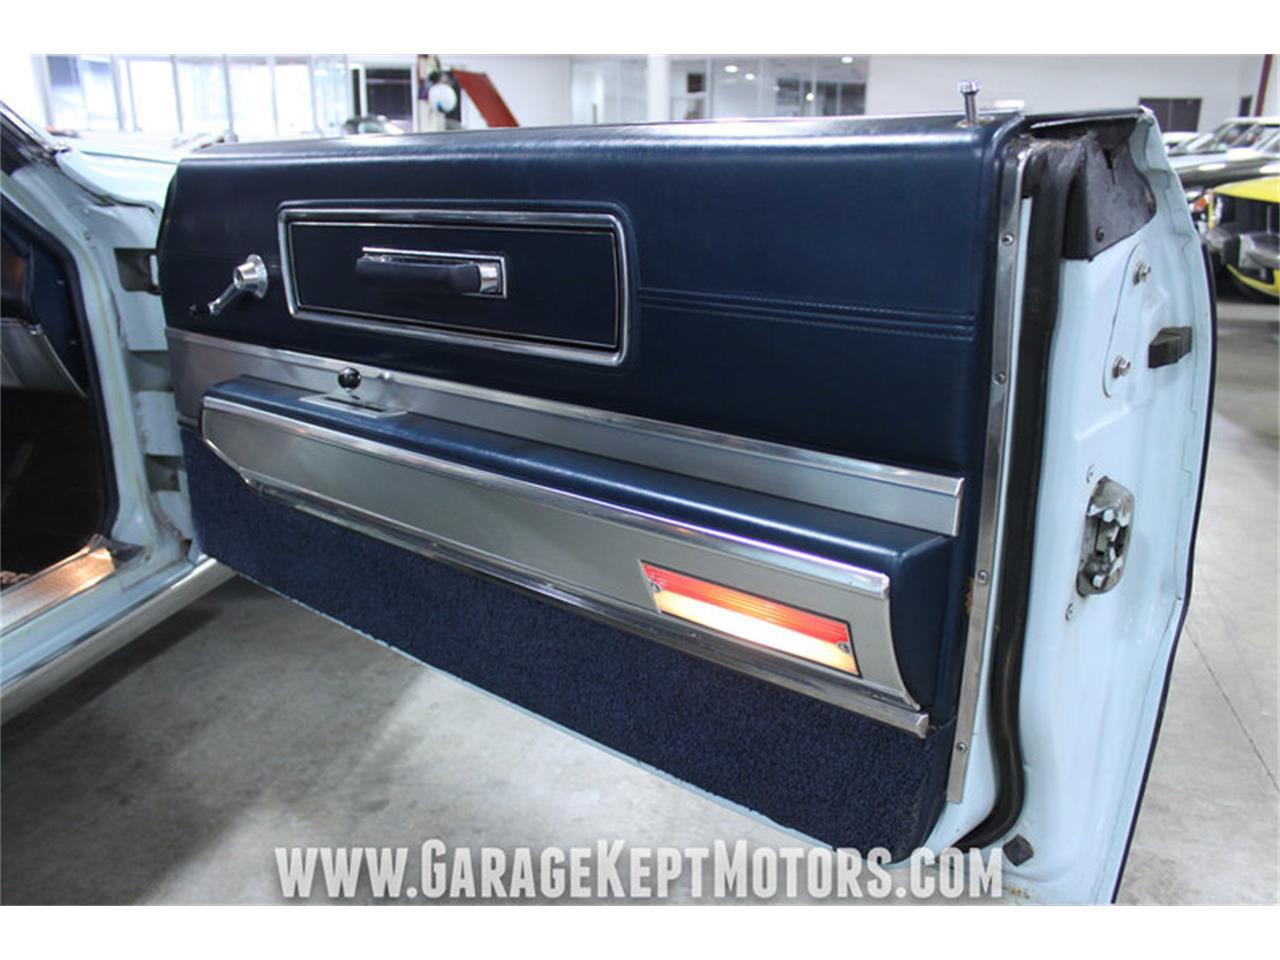 Large Picture of Classic '67 Thunderbird 2-Door Landau located in Michigan - $11,900.00 - LU7P